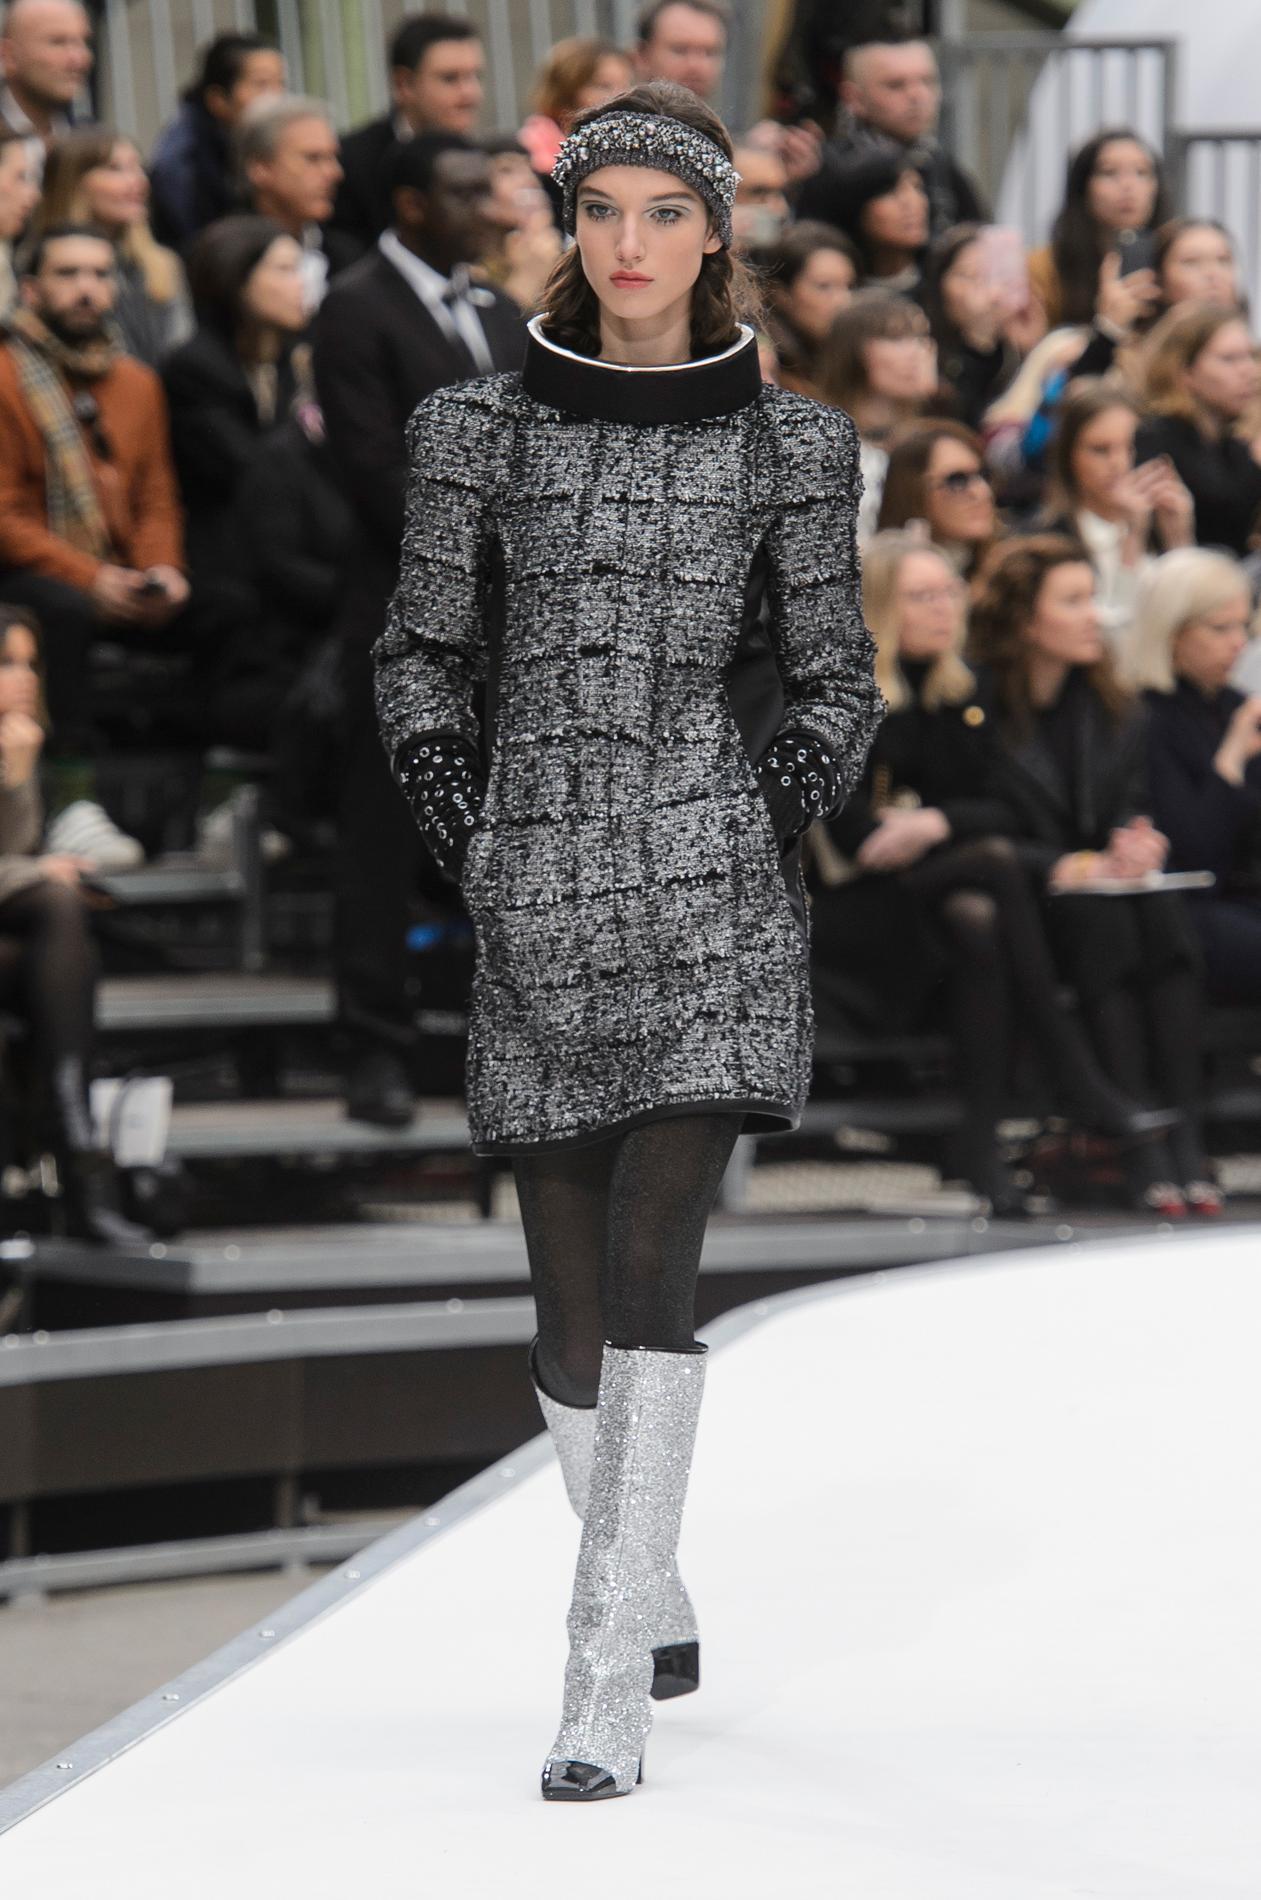 Défilé Chanel automne,hiver 2017,2018, Paris , Look 18.